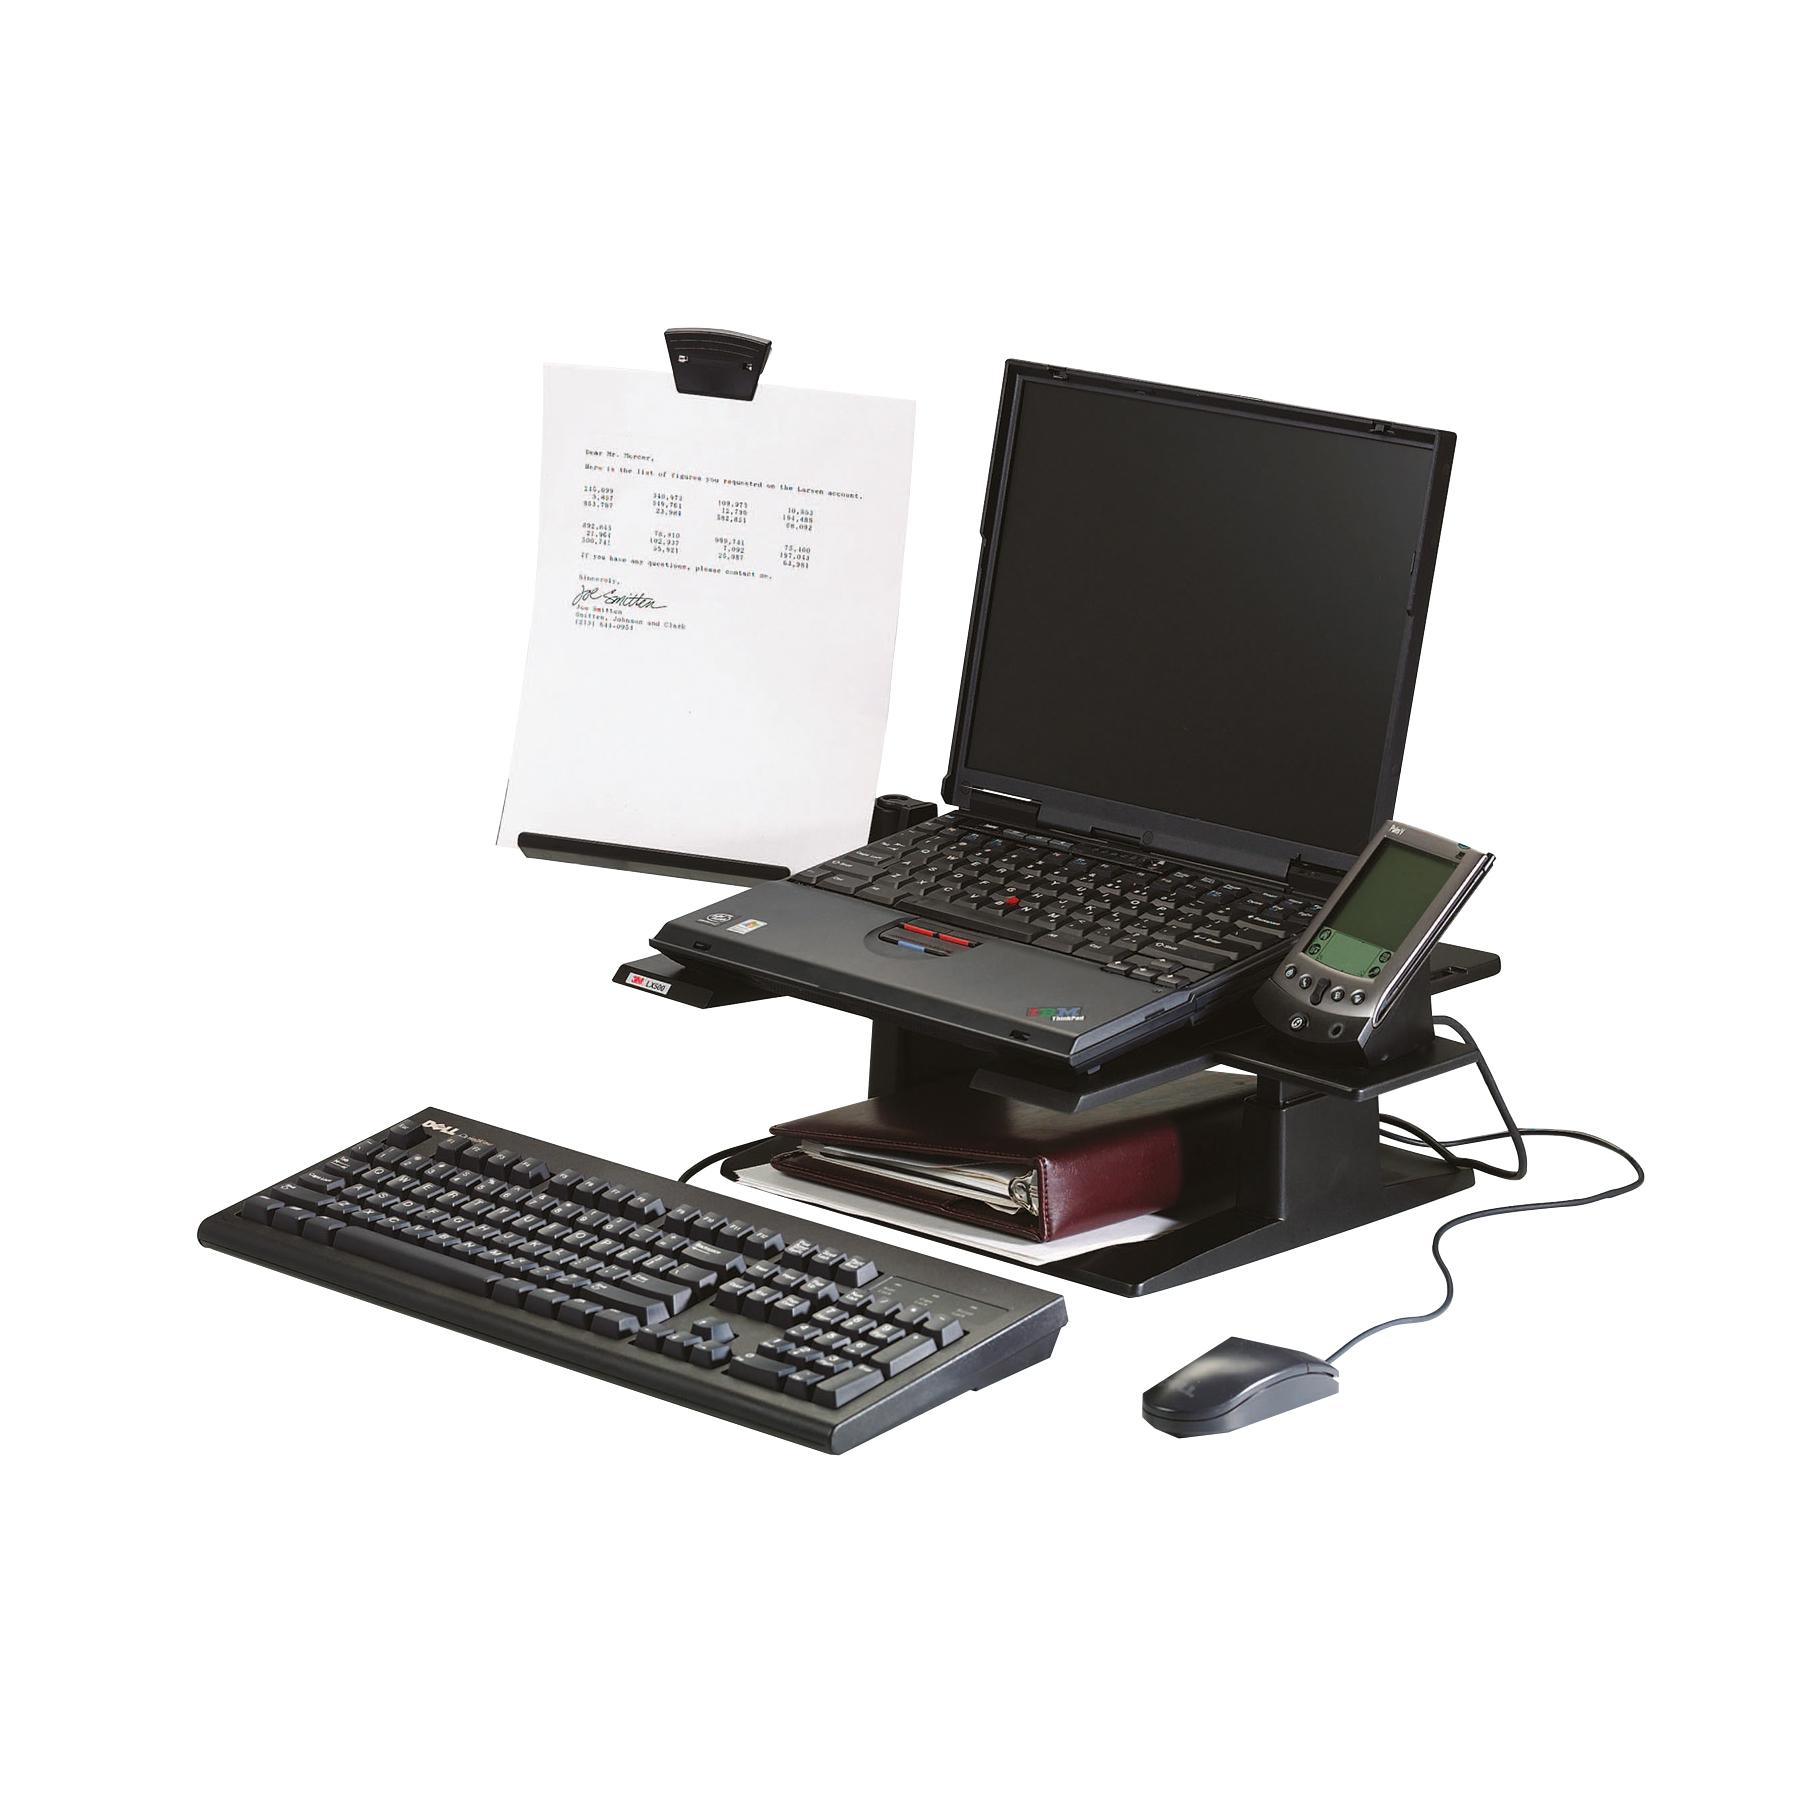 Risers / Stands 3M Notebook Riser Ergonomic Black Ref LX500